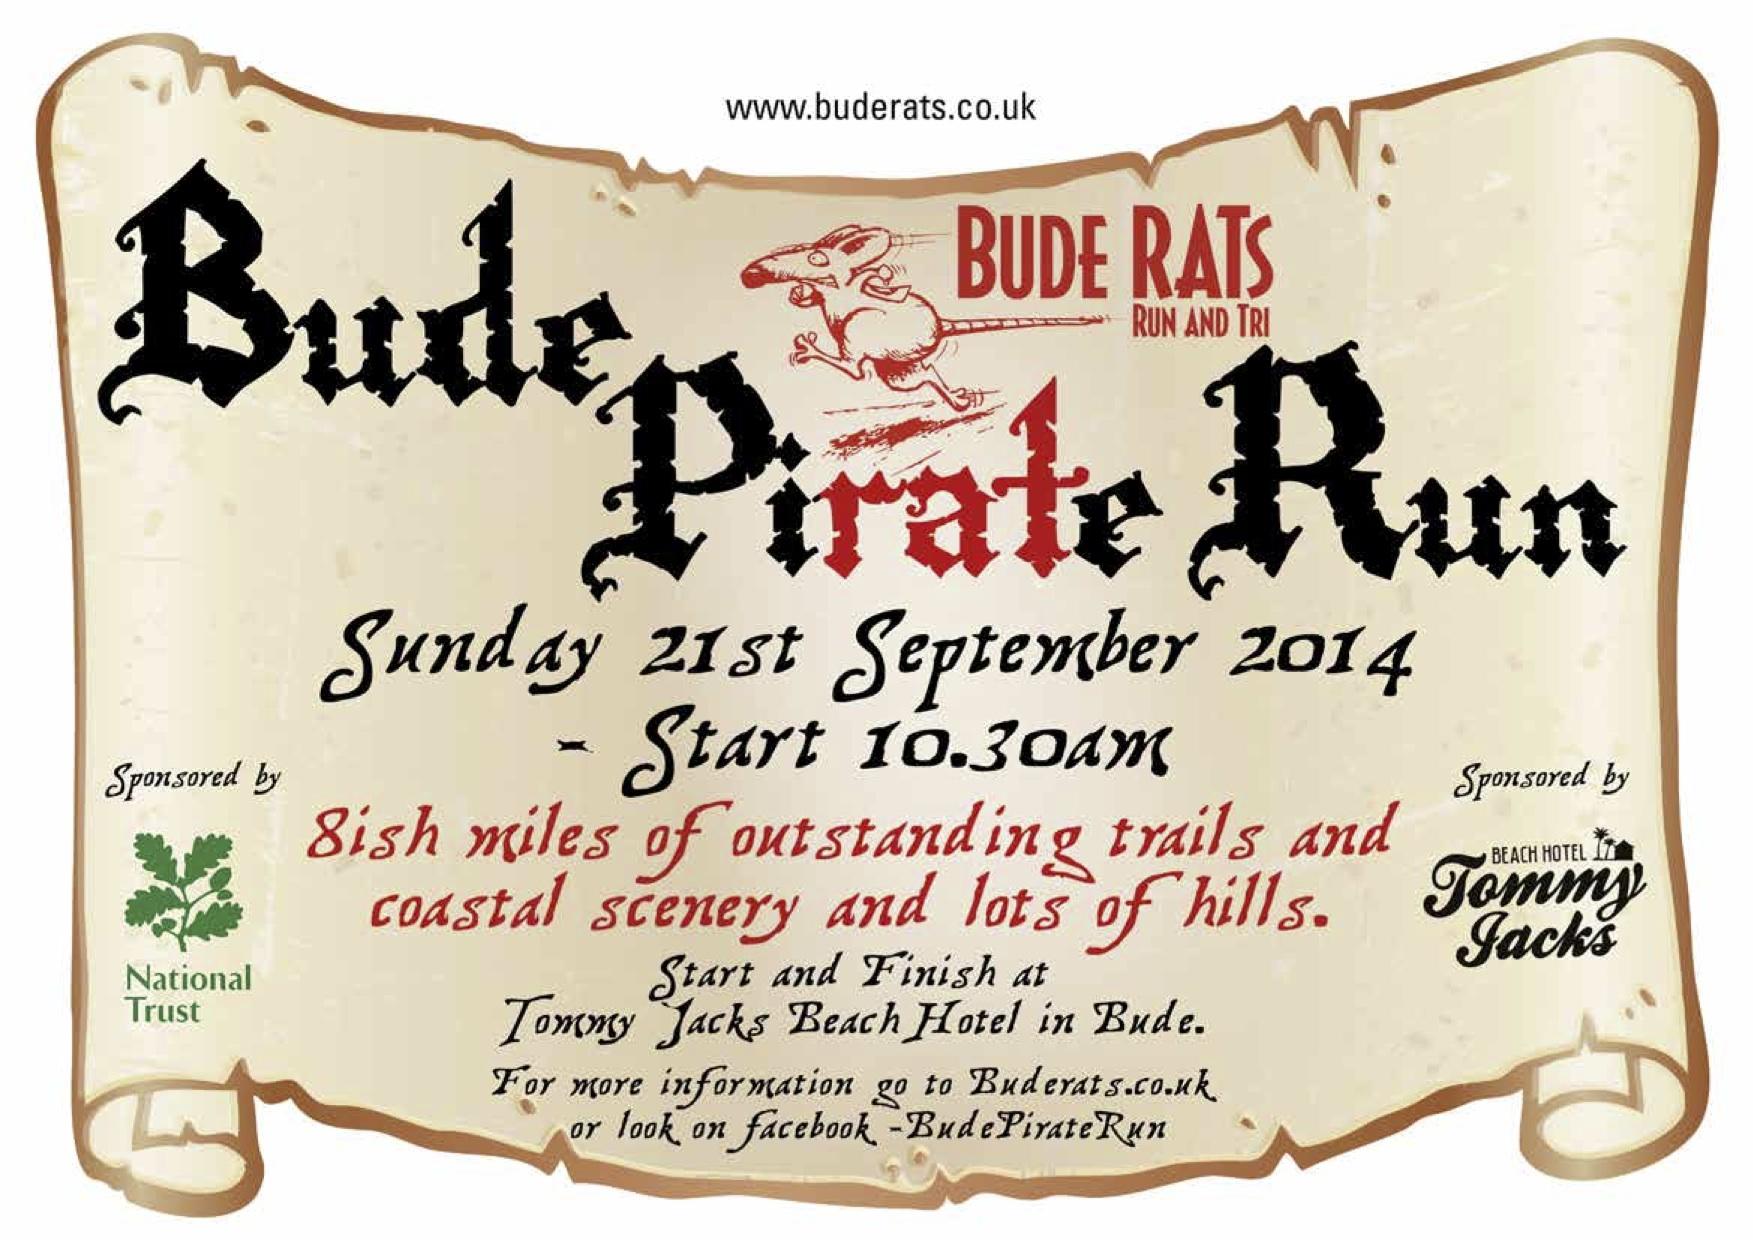 Bude Pirate Run 21st September 2014